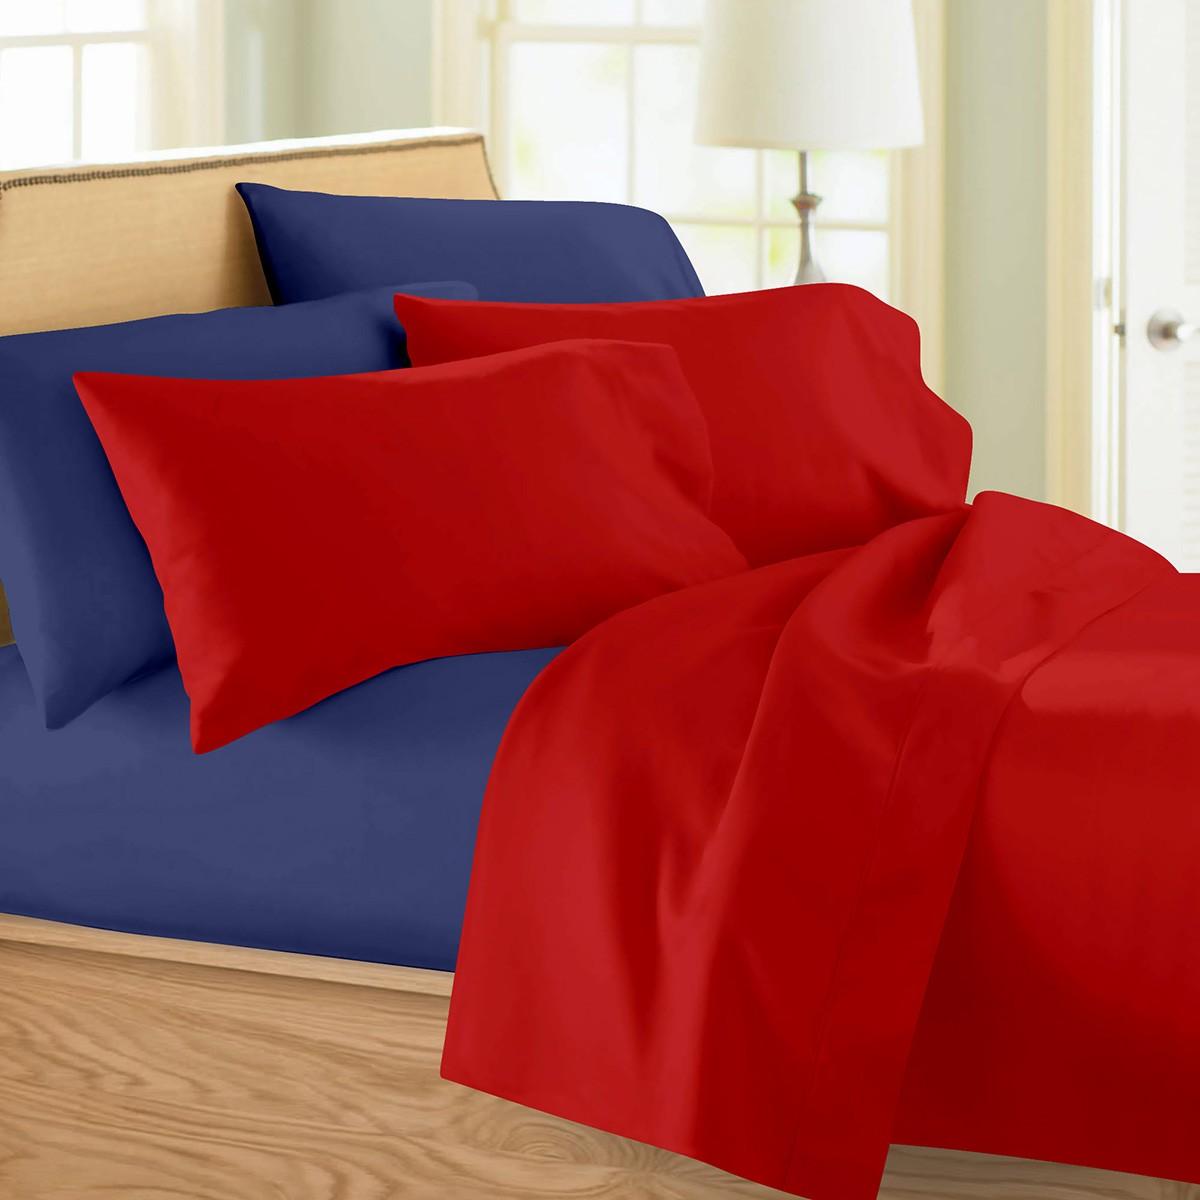 Σεντόνια Μονά (Σετ) Maison Blanche 11001 Κόκκινο/Μπλε